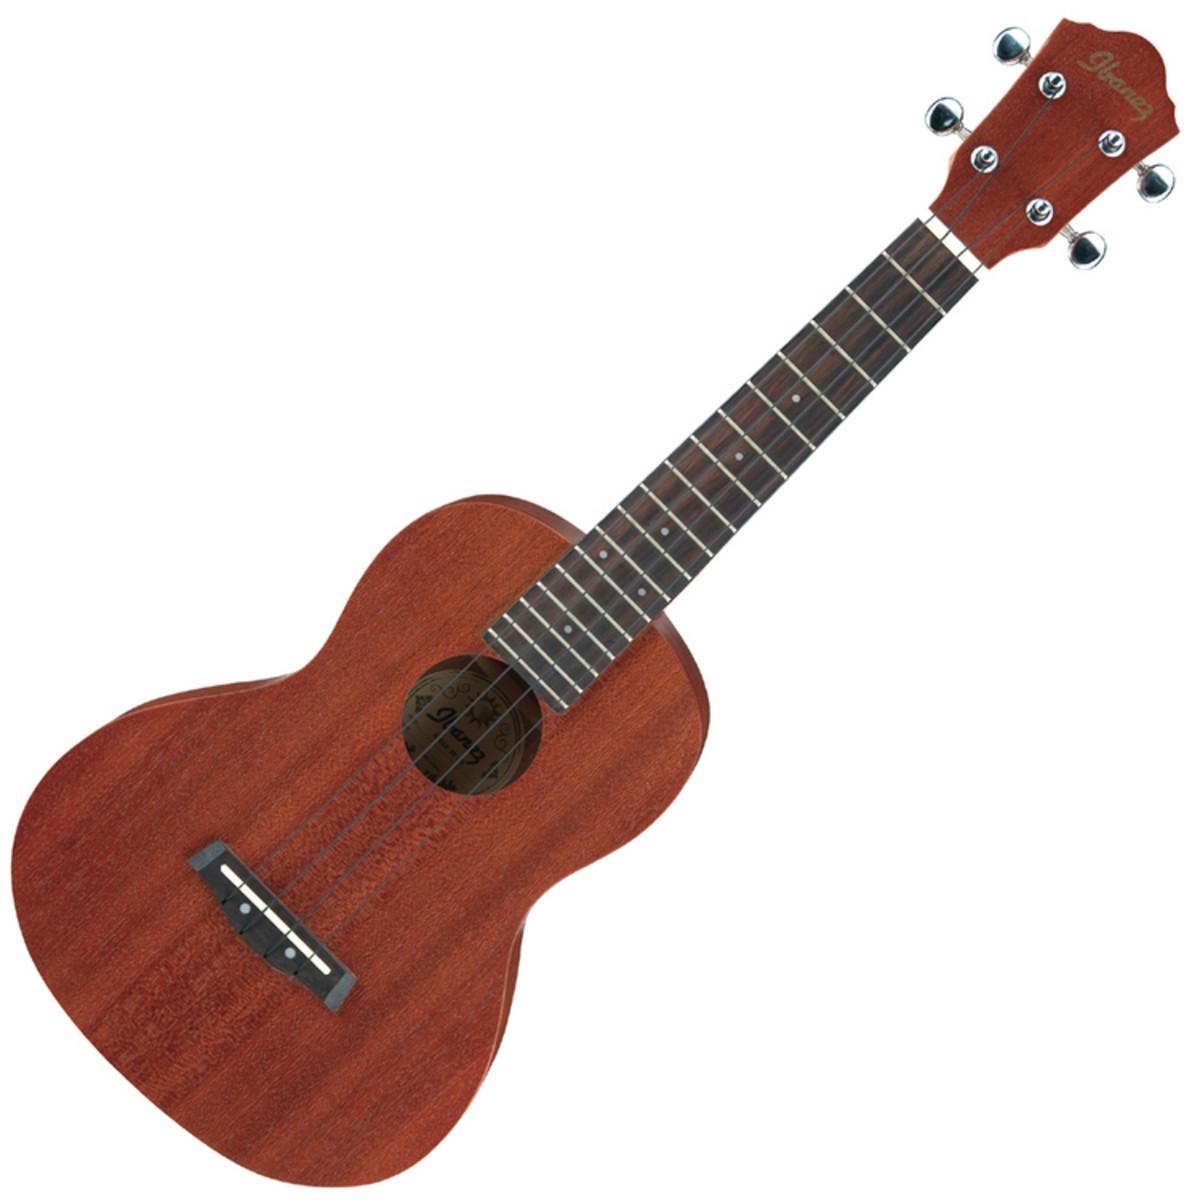 Ibanez ukc10 concert ukul l metallis en housse comme for Housse ukulele concert